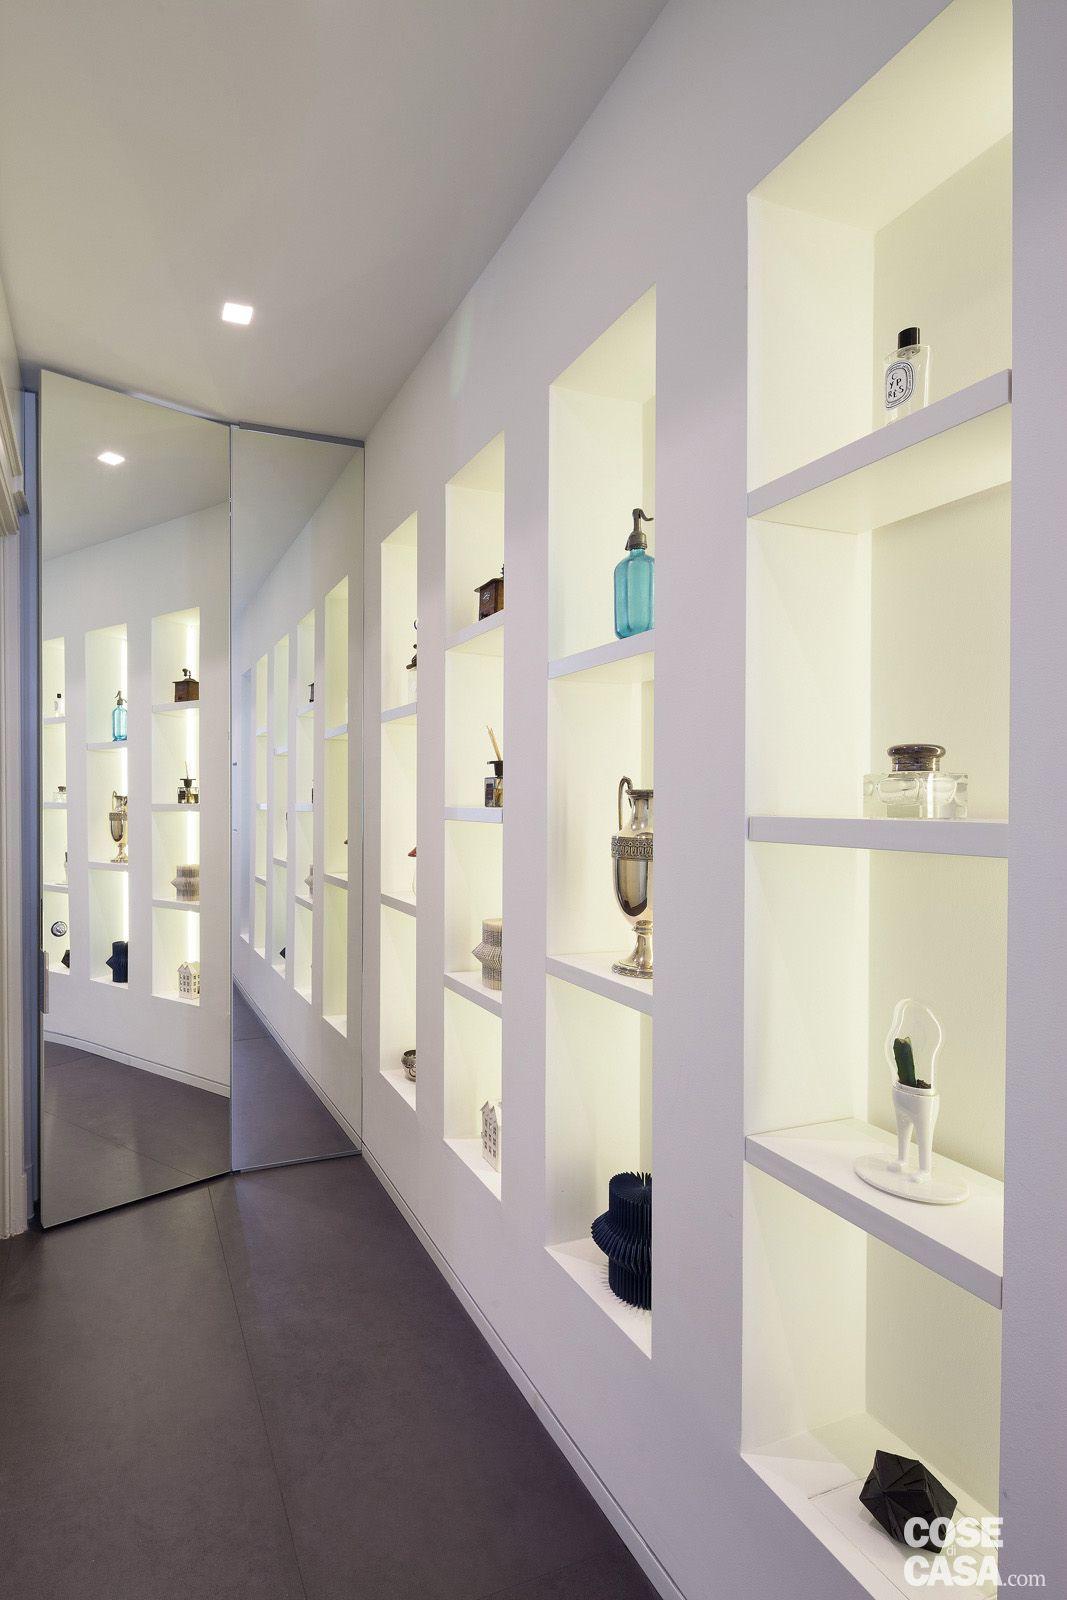 Distribuzione Spazi Interni Casa.108 Mq Con Nuove Divisioni Loft S And Penthouses Cartongesso